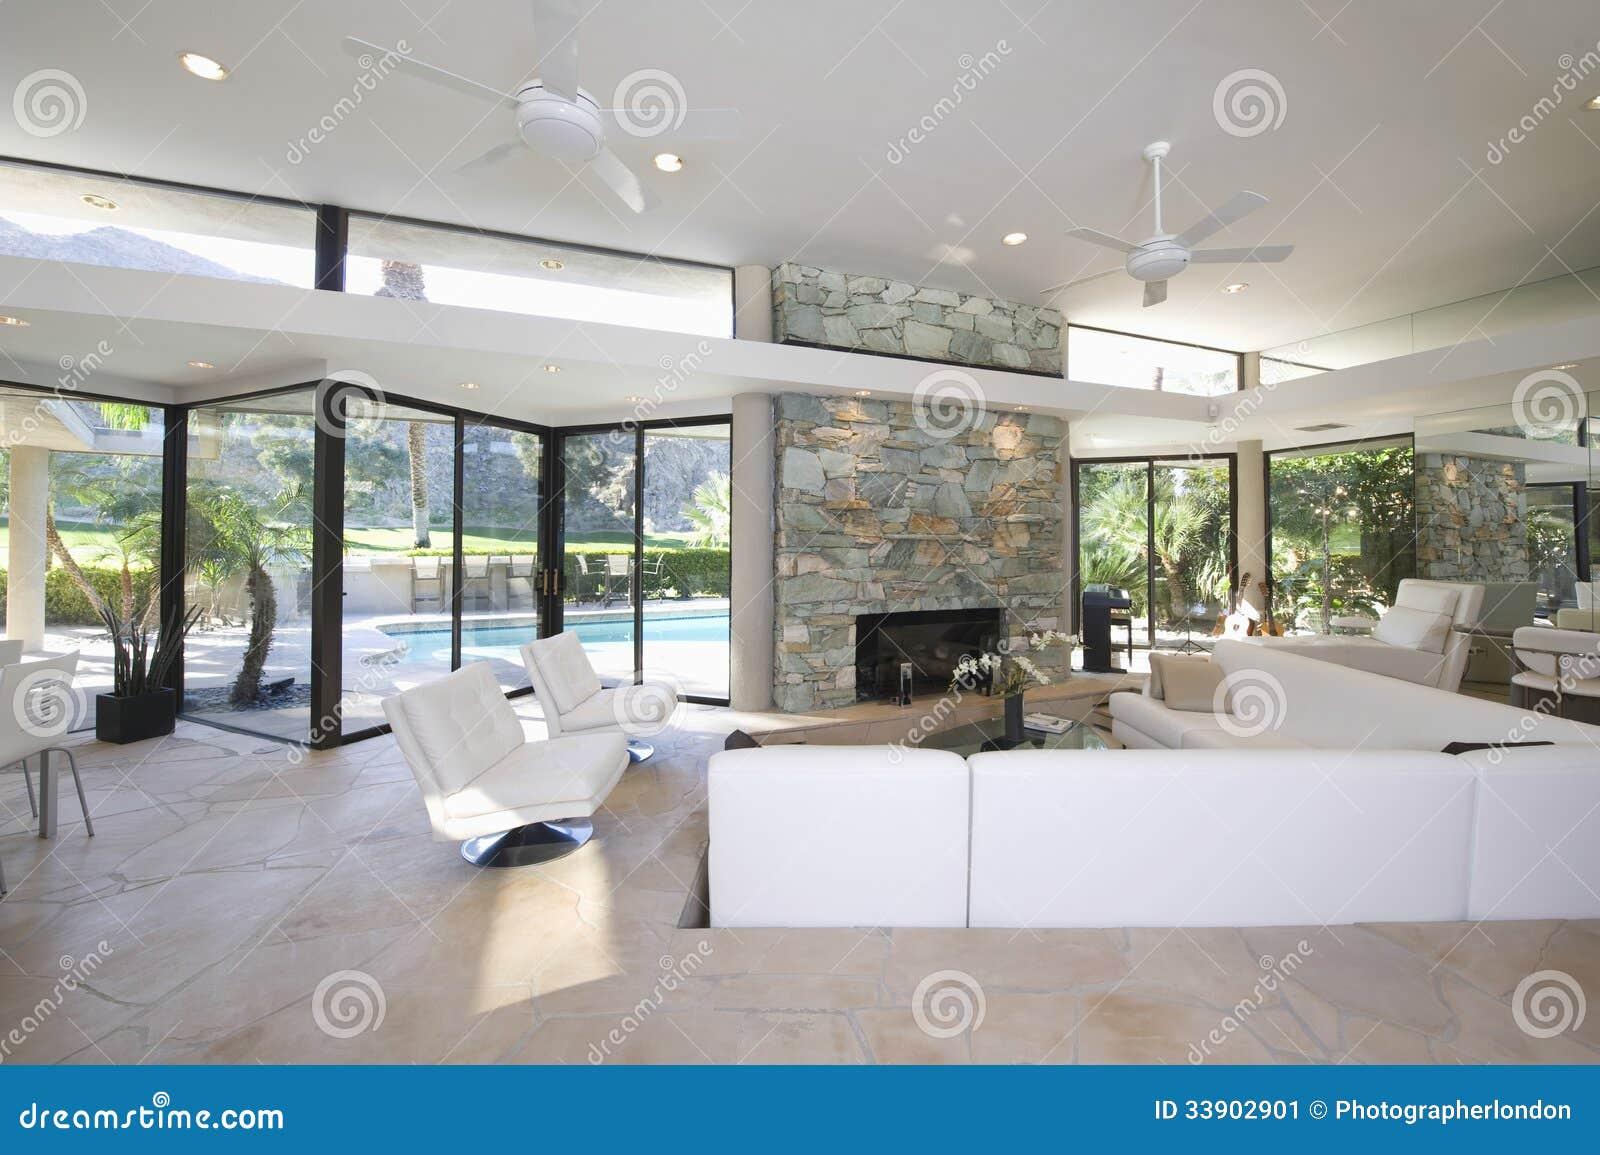 Haus mit pool im wohnzimmer – dumss.com